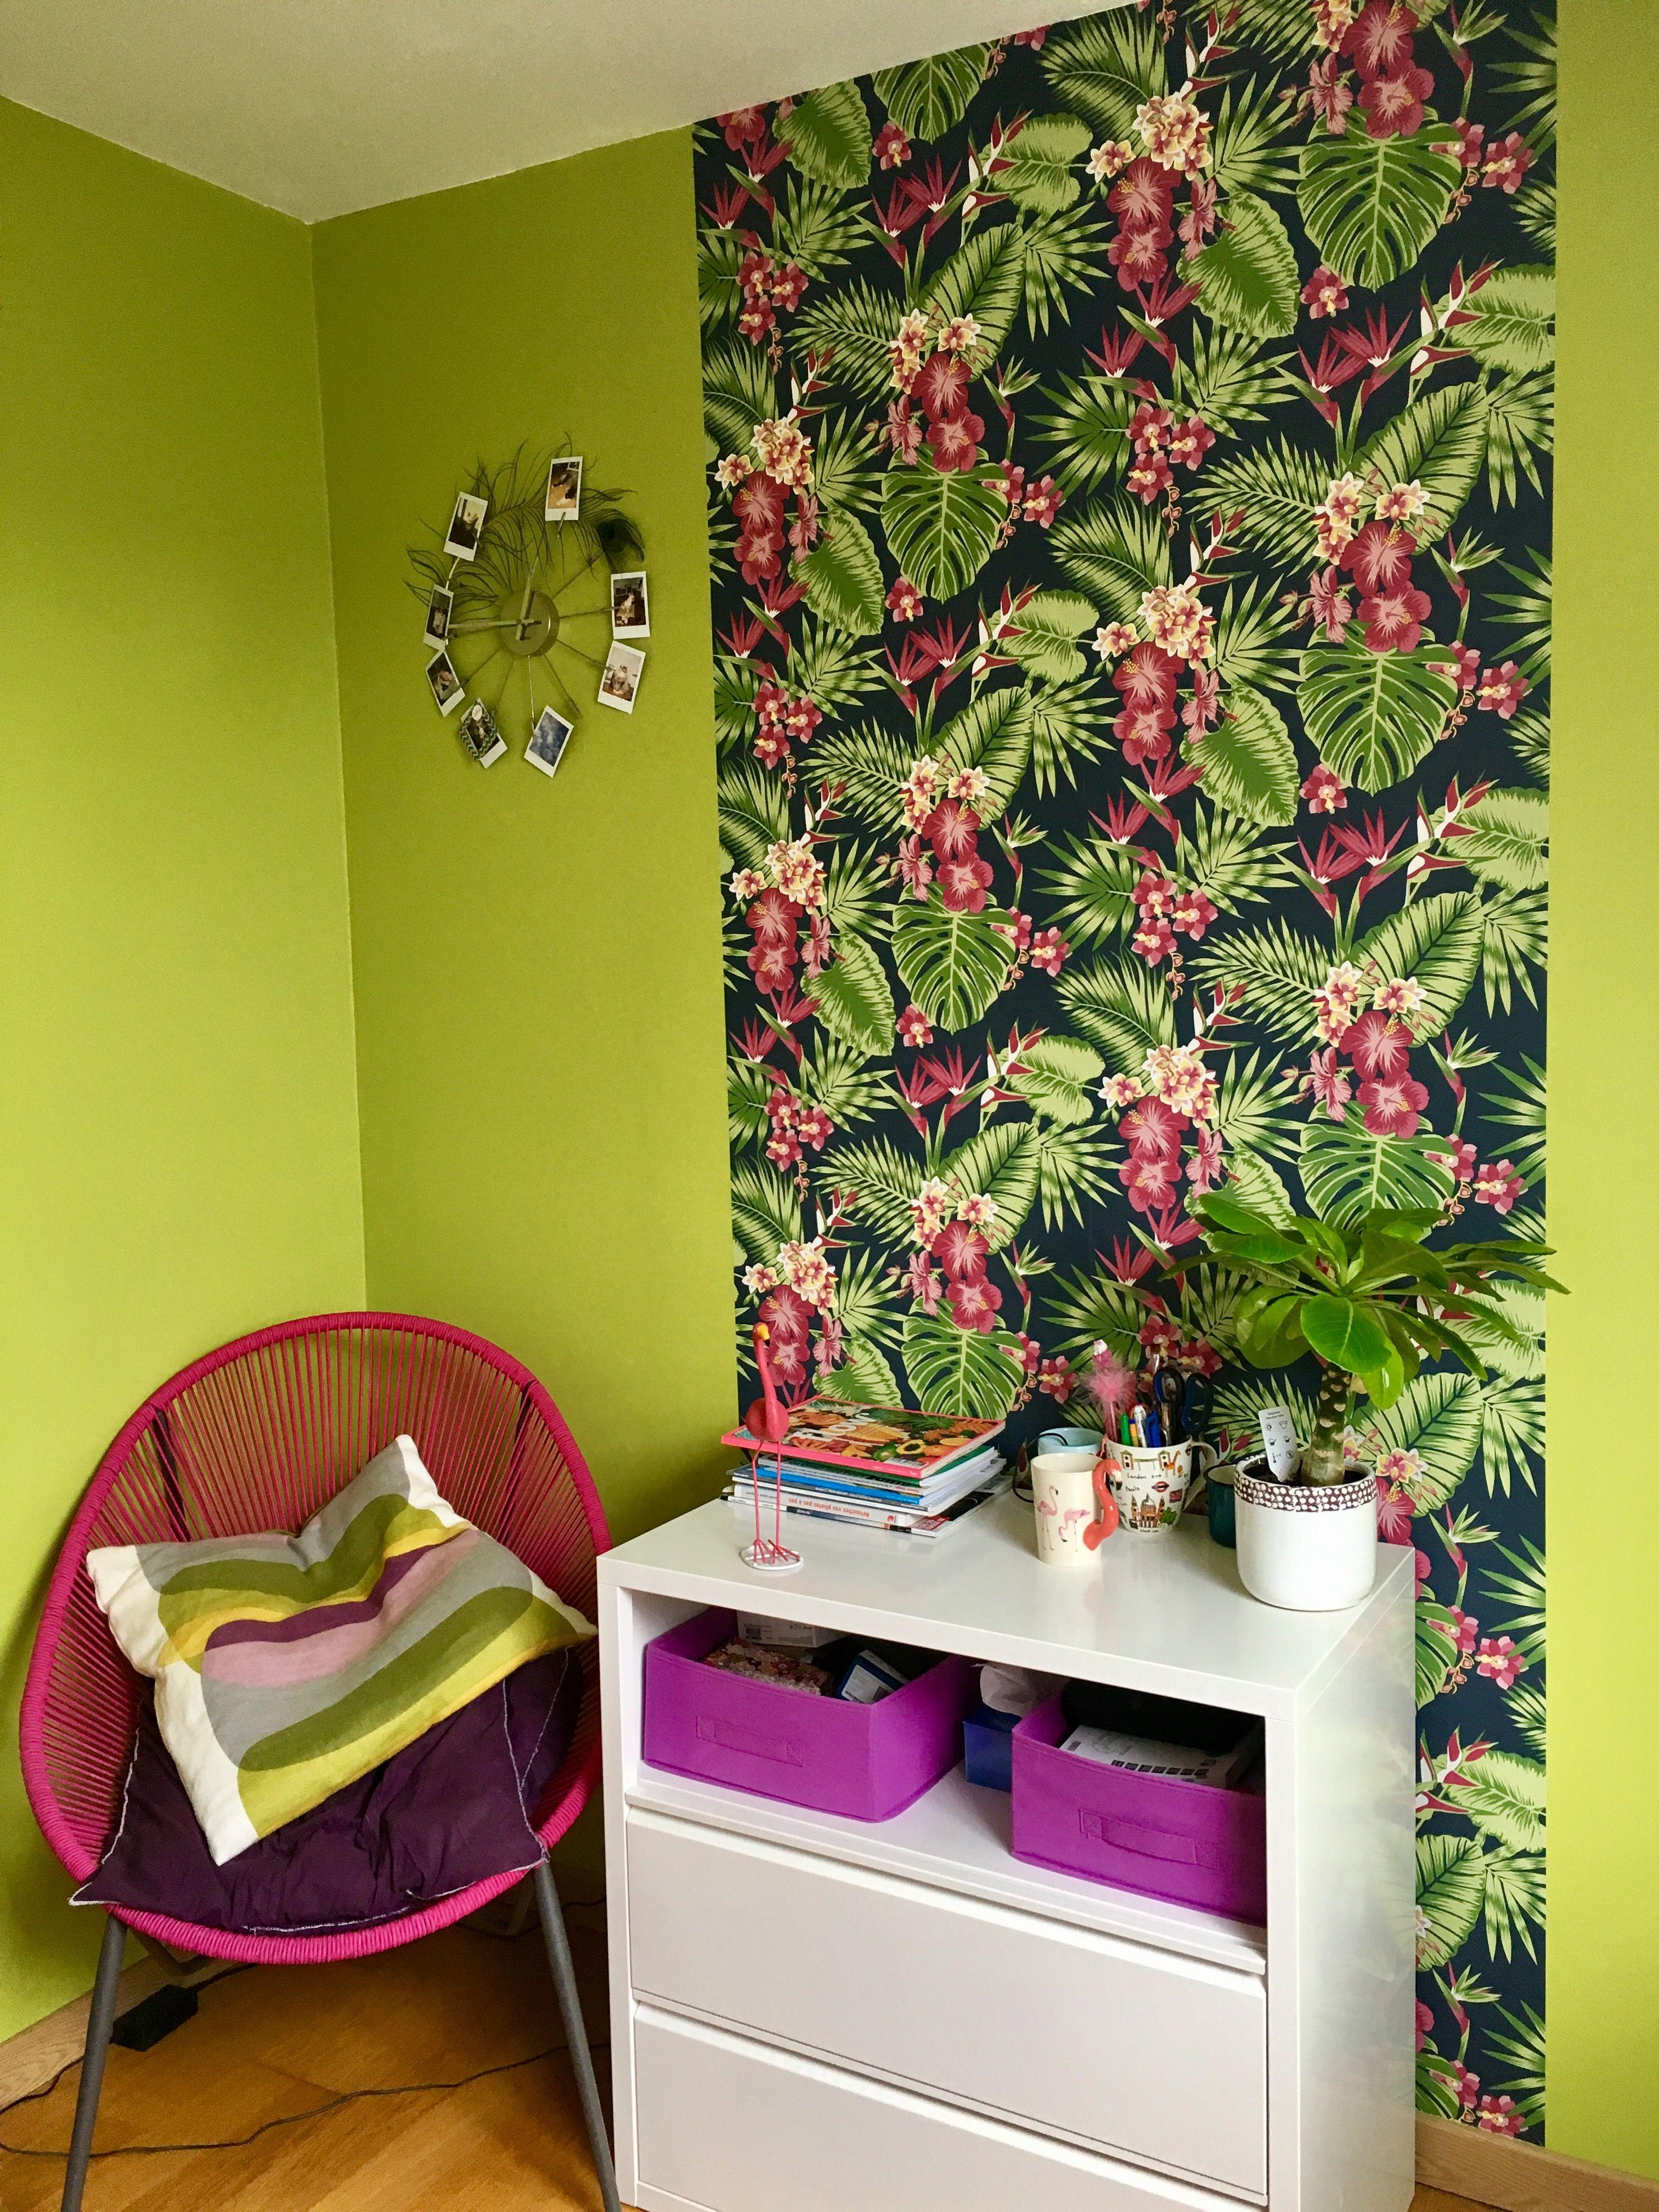 Le Papier Peint Est Il Recyclable mon beau bureau..!! peinture vert bambou et papier peint